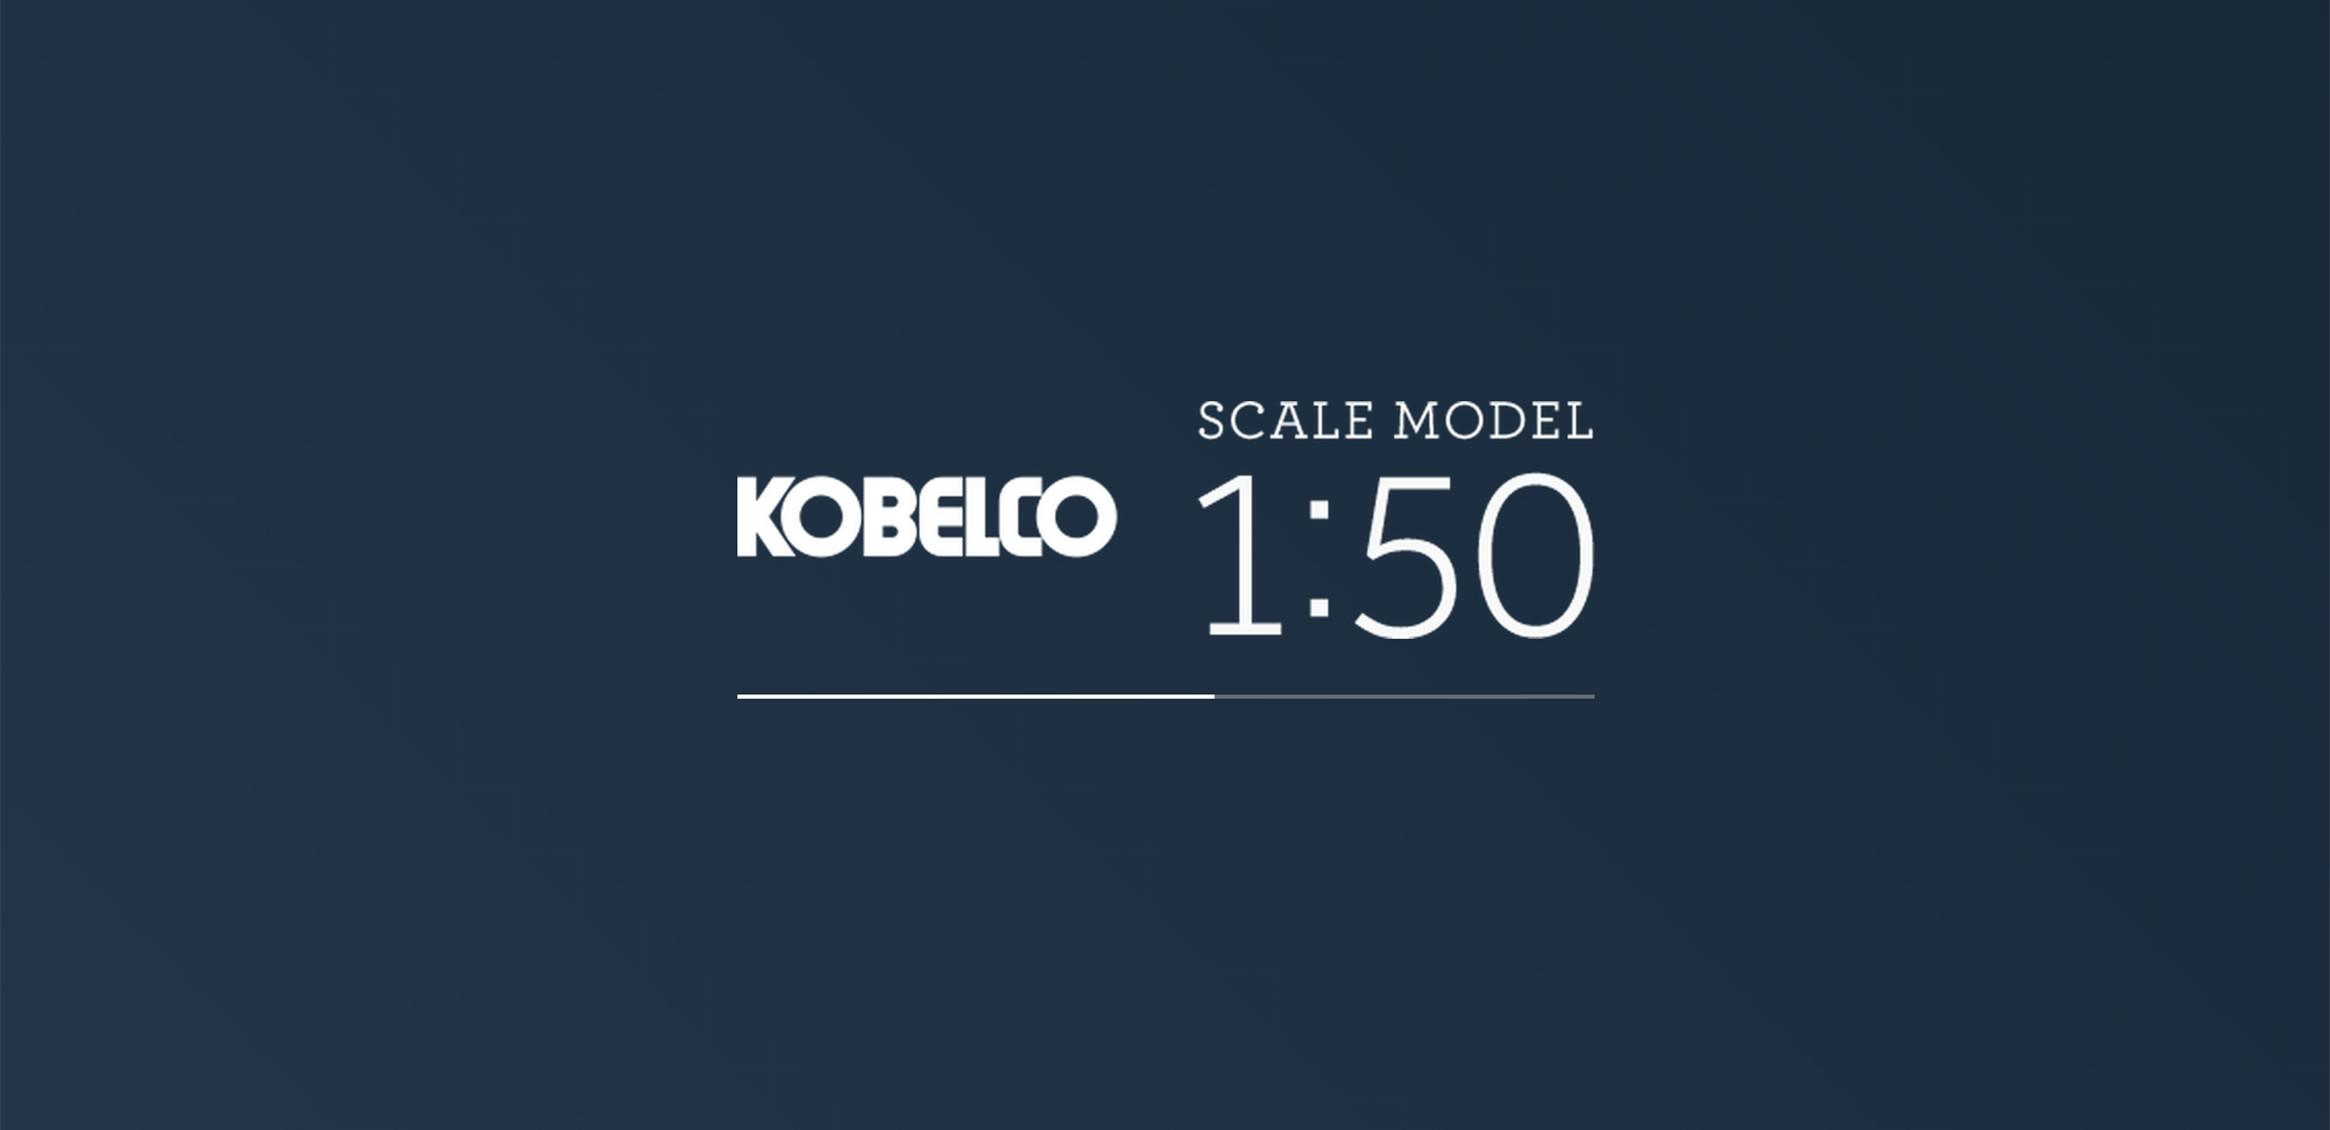 KOBELCO SCALE MODEL 1:500枚目